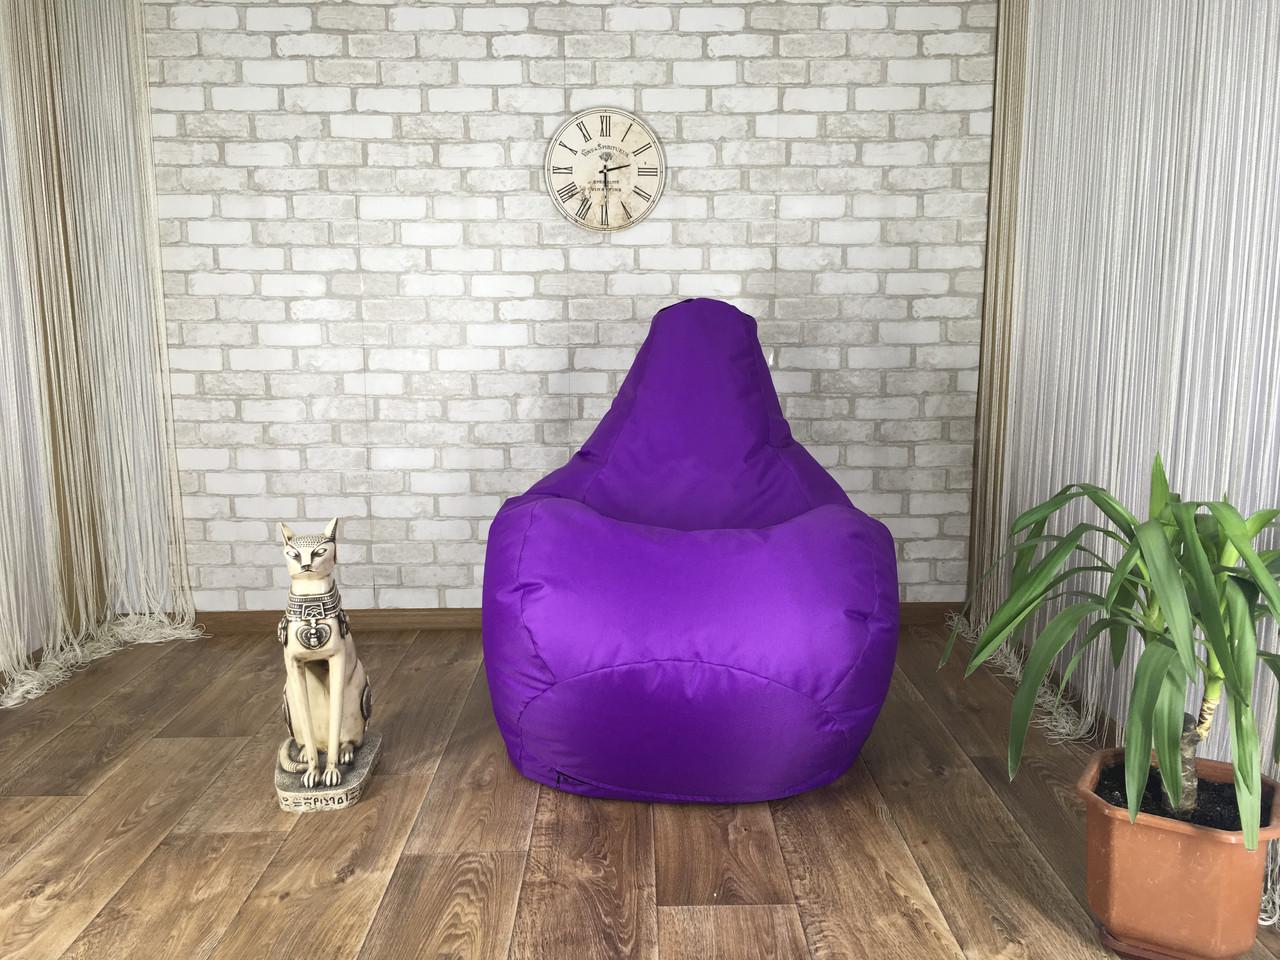 Кресло Мешок, бескаркасное кресло Груша ХХЛ, фиолетовый